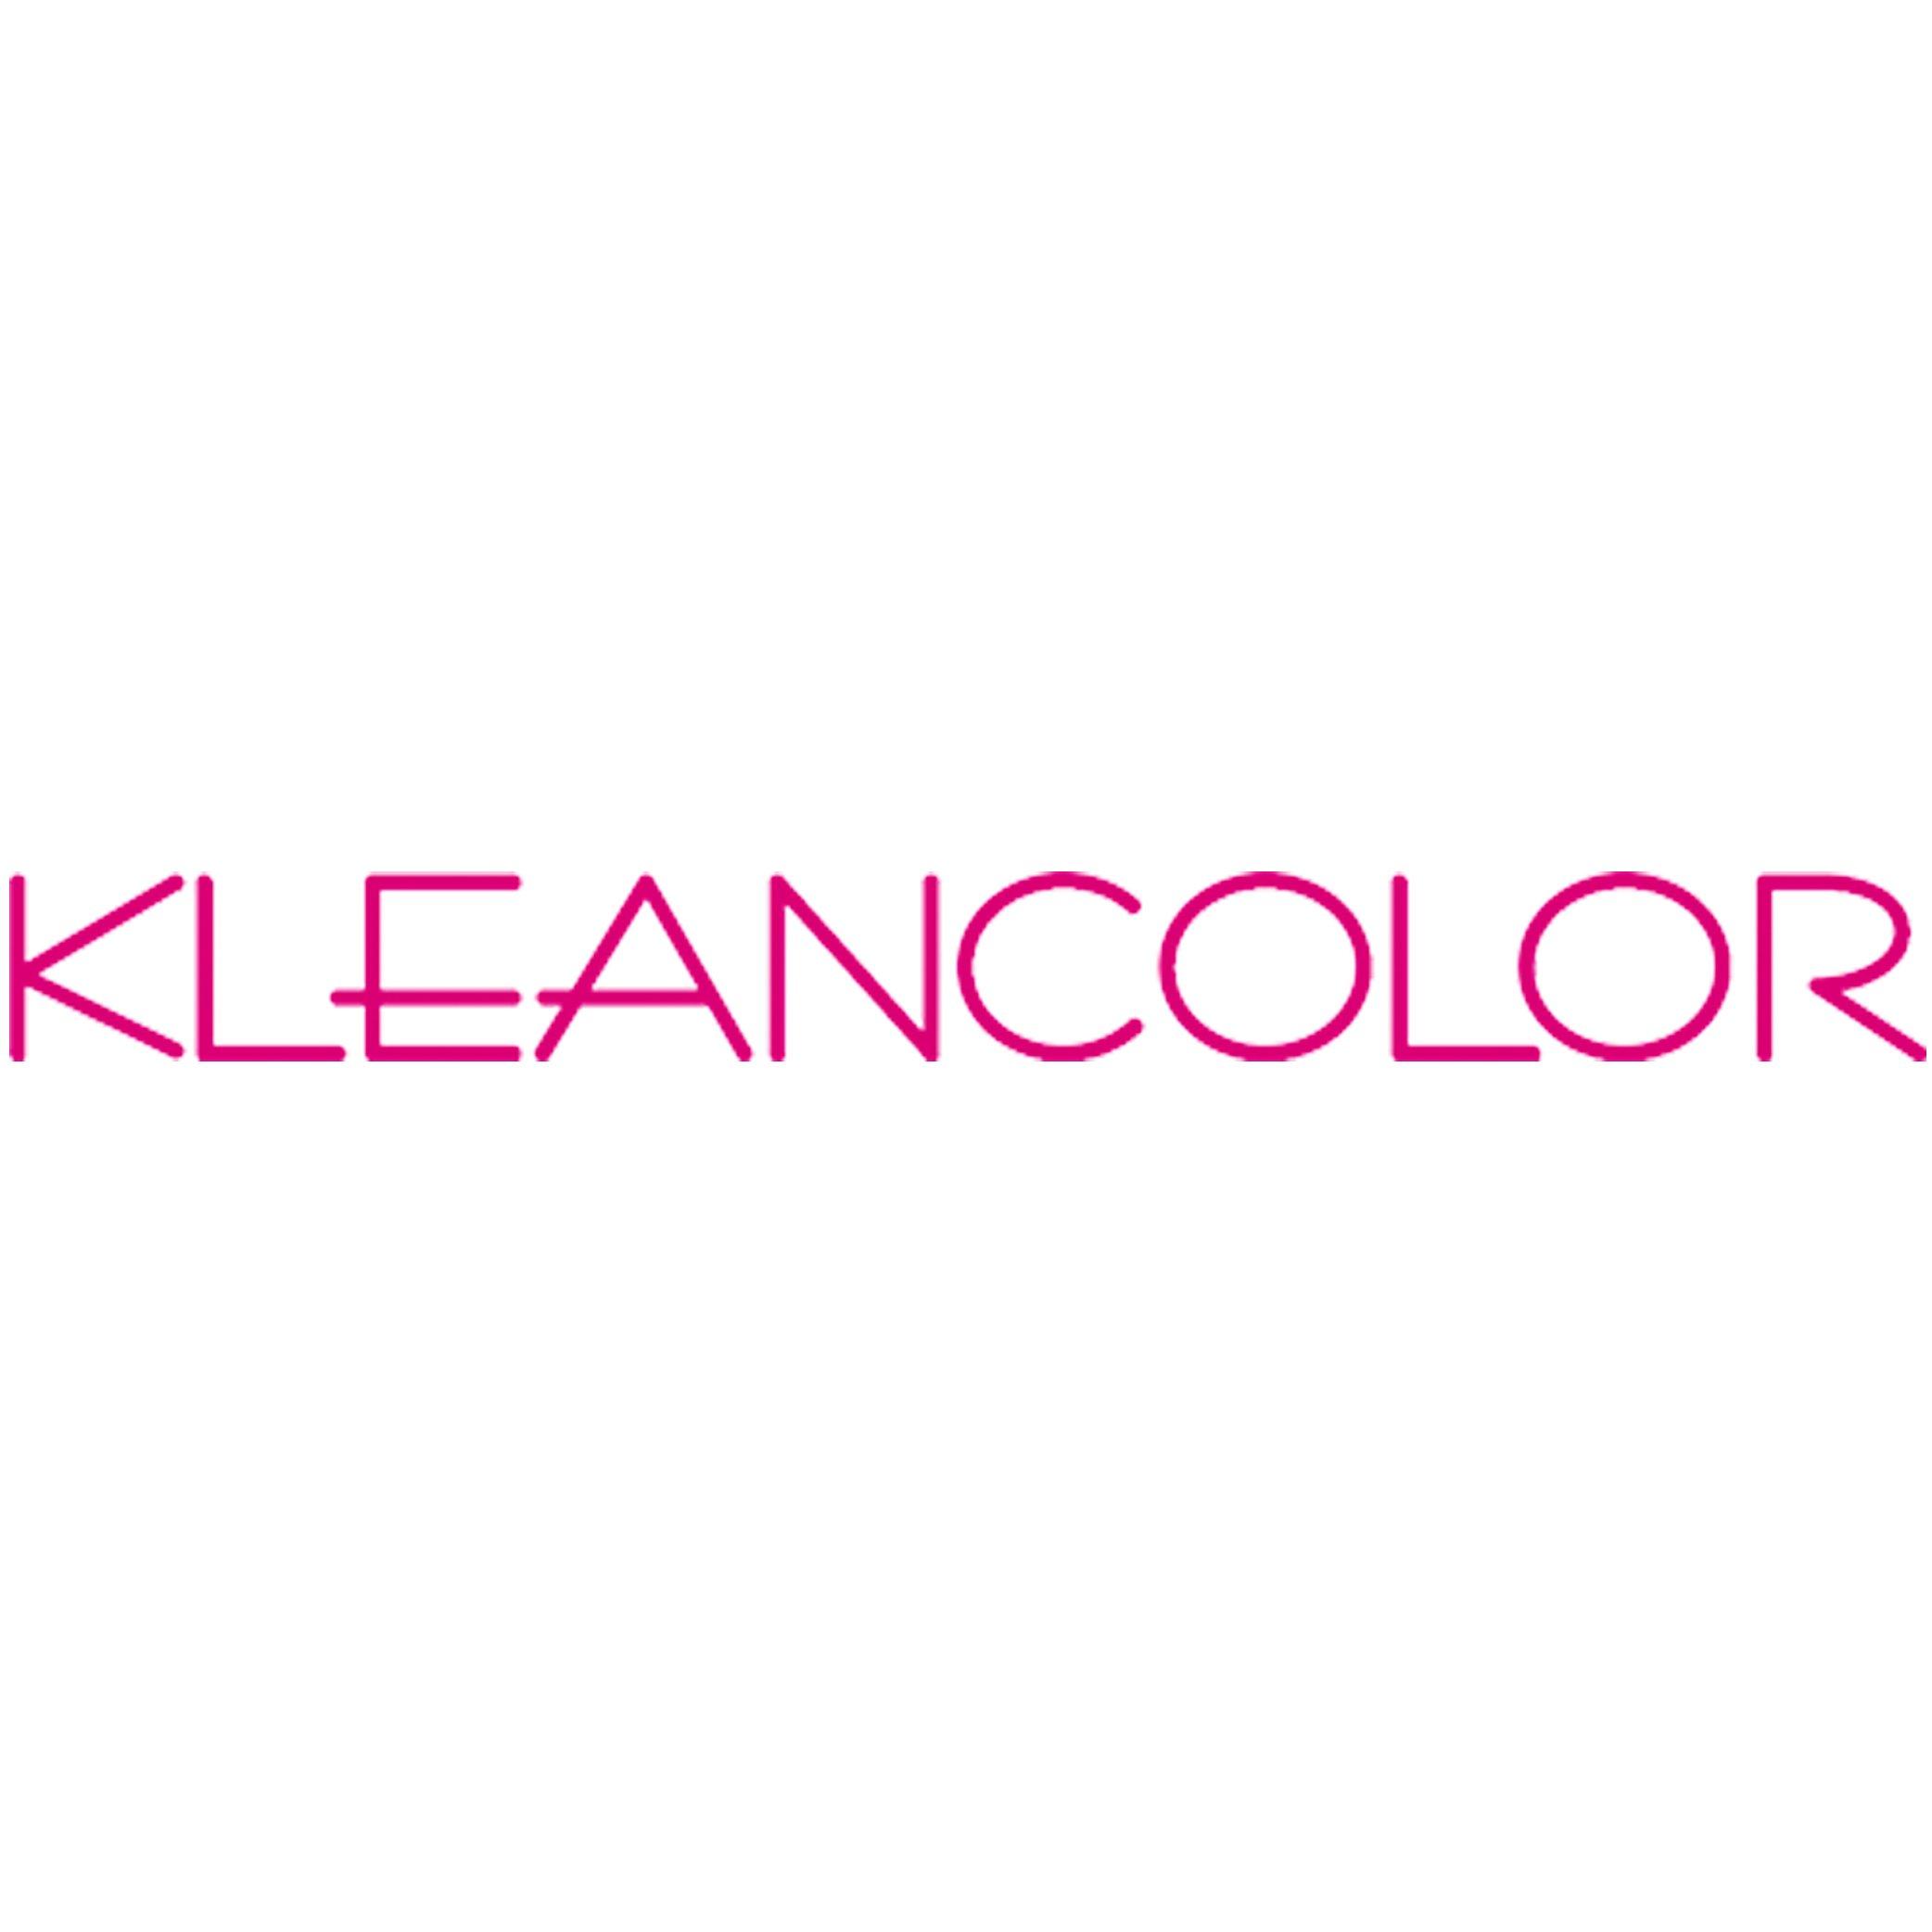 Kleancolor's logo